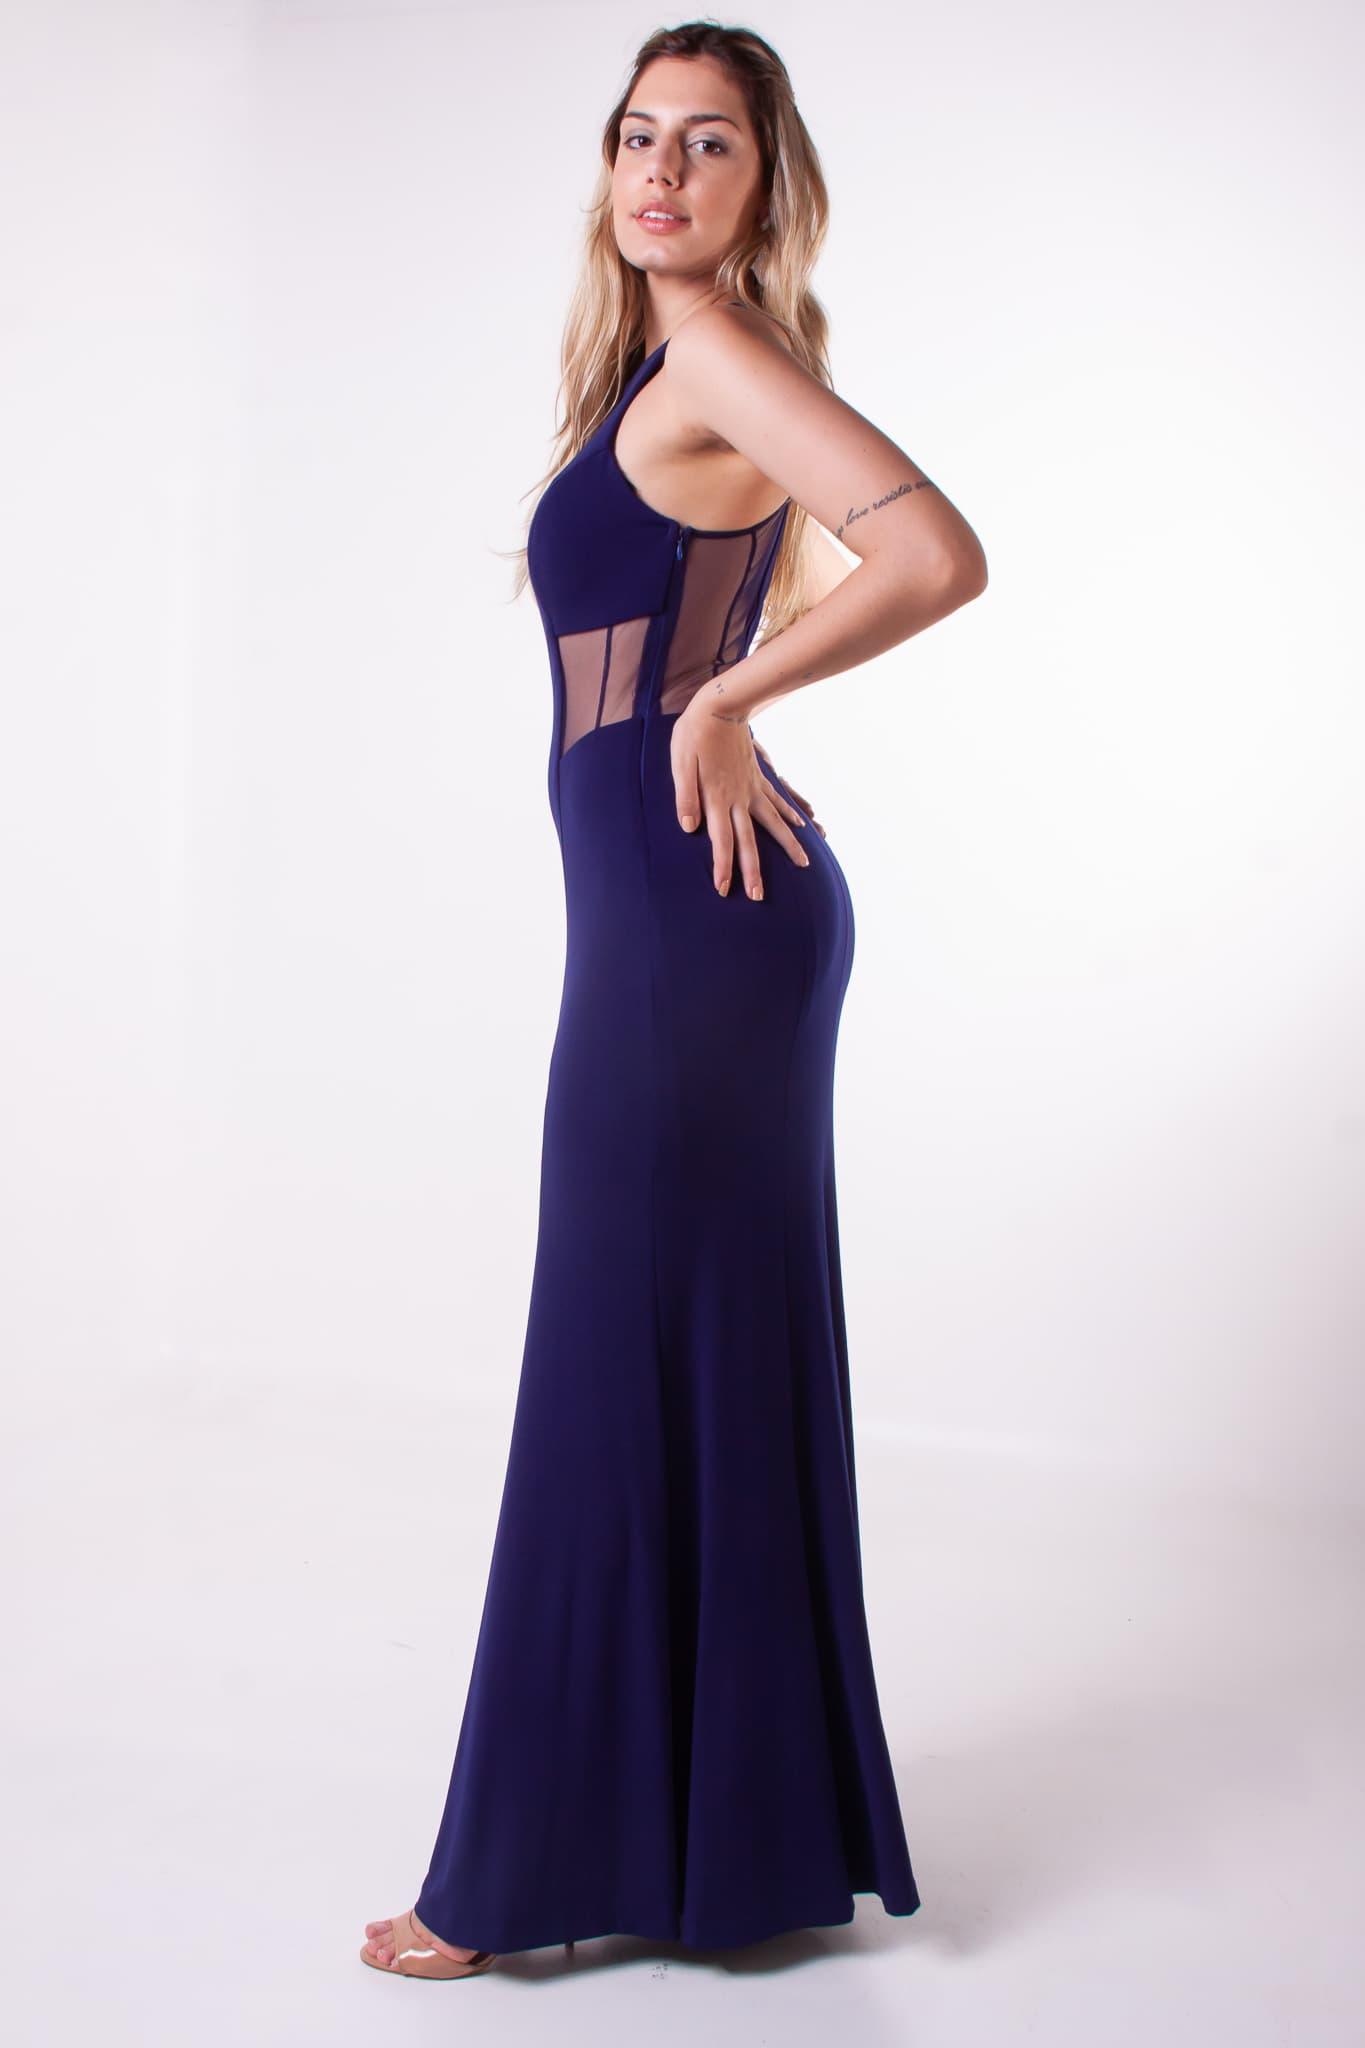 79 - Vestido azul marinho sereia com transparência